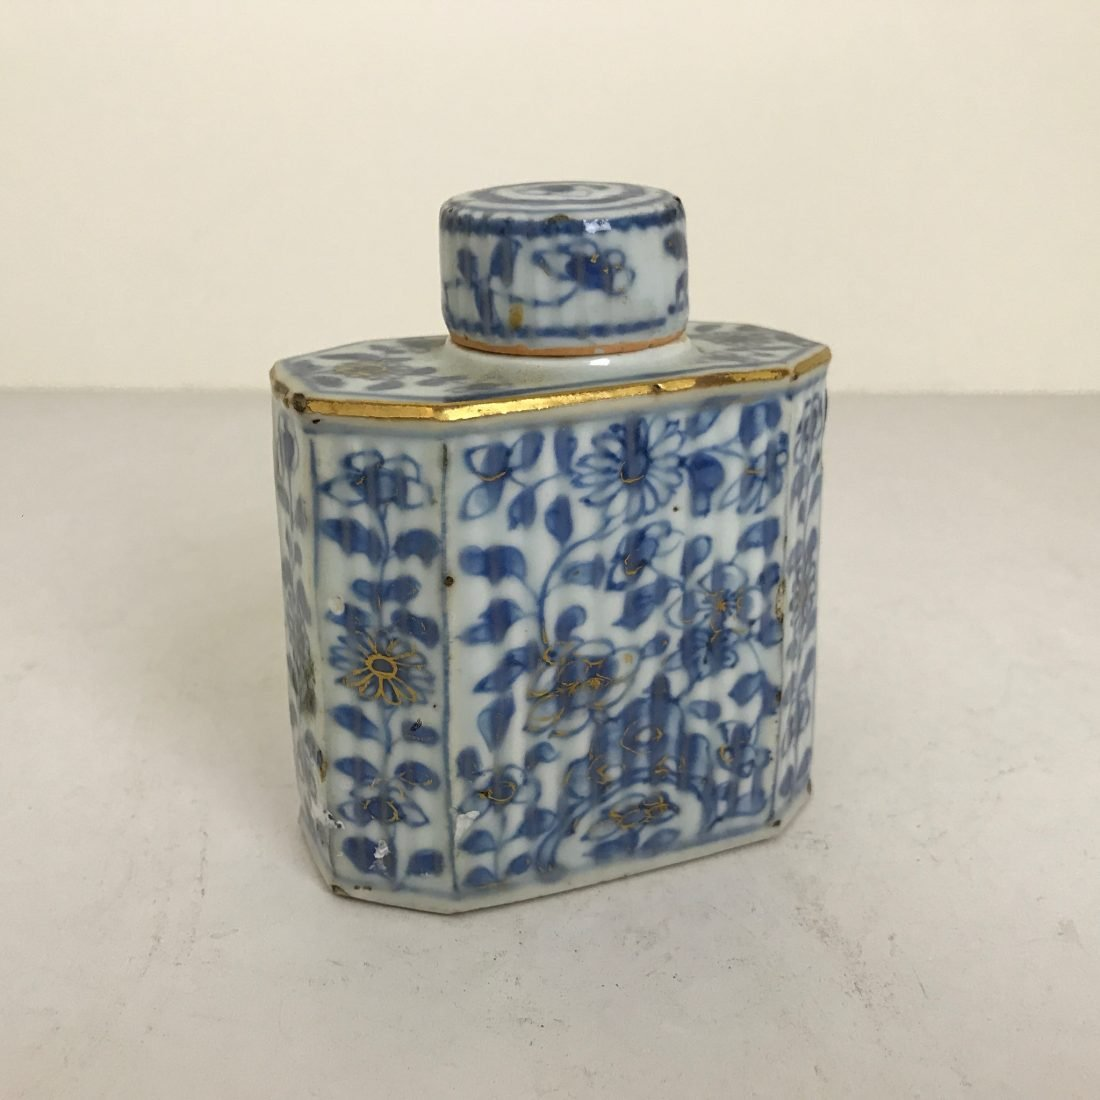 Porseleinen theebus met het bijbehorende dopje, China, 18e eeuw